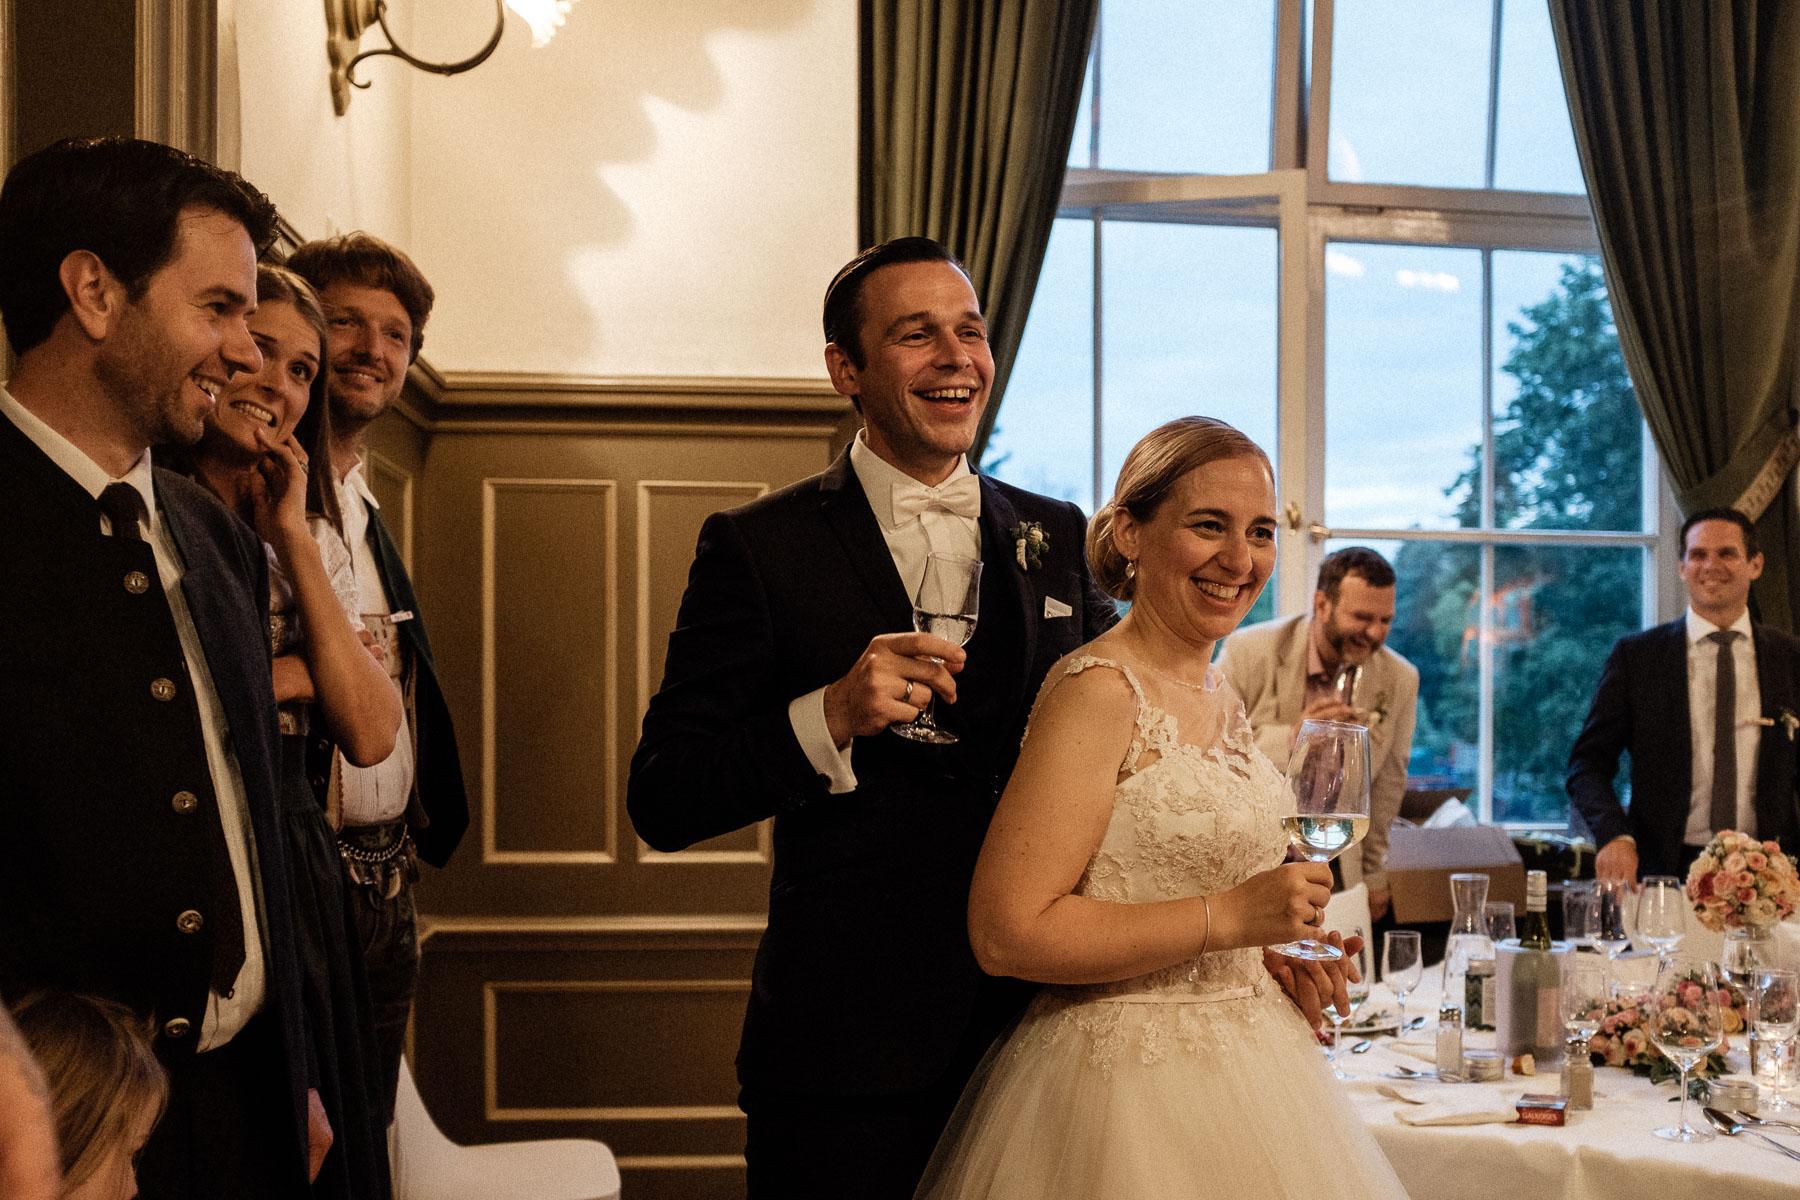 MartinLiebl_Hochzeitsfotograf_MML_Blog_75.jpg